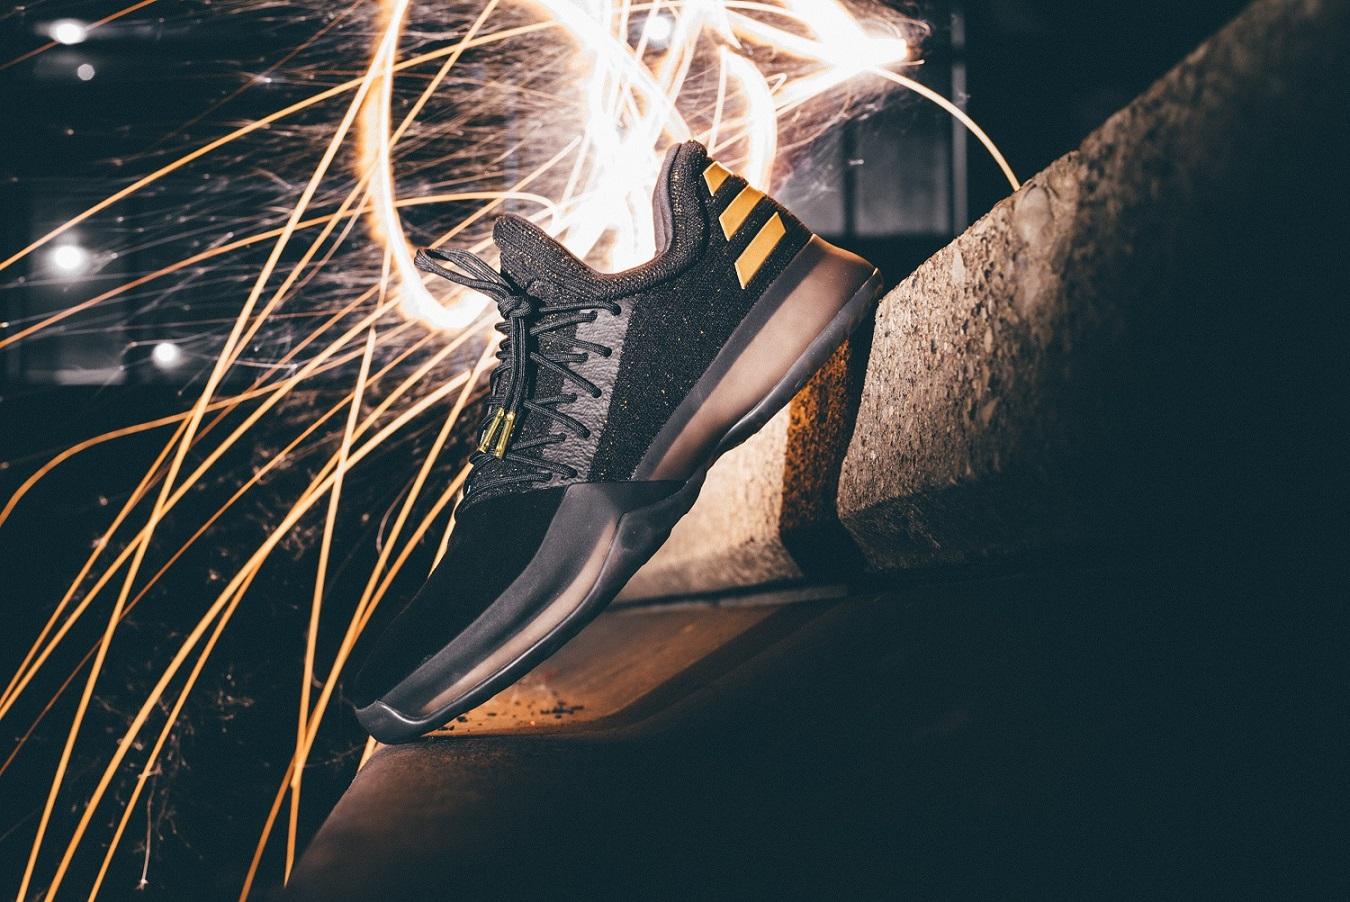 官方新聞 / 當個大明星!adidas Harden Vol.1 'IMMA BE A STAR'  11 月 23 日在台發售